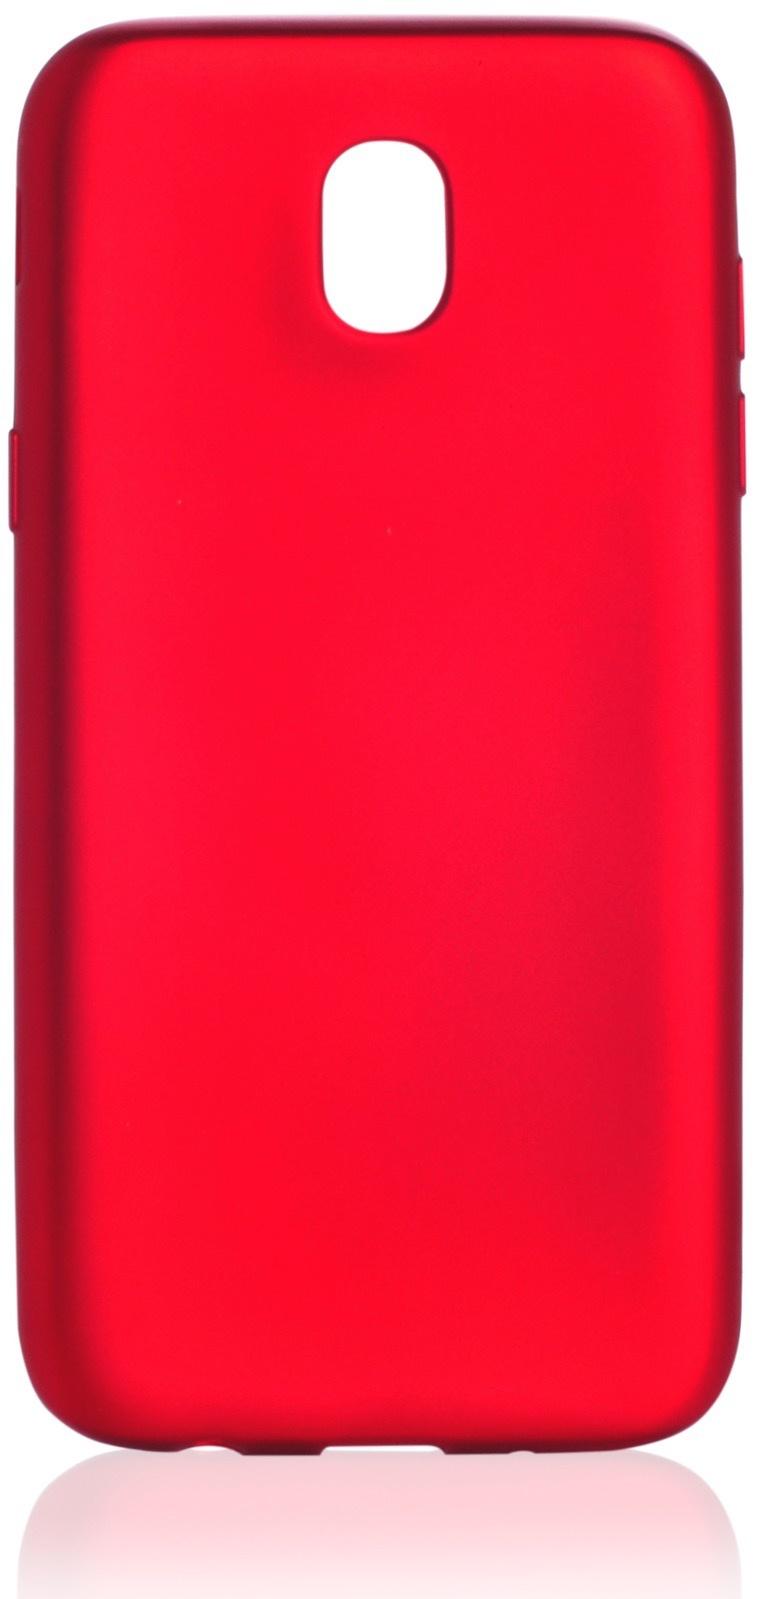 Чехол для сотового телефона Gurdini силикон Soft Touch для Samsung Galaxy J5 2017 (J 530), красный